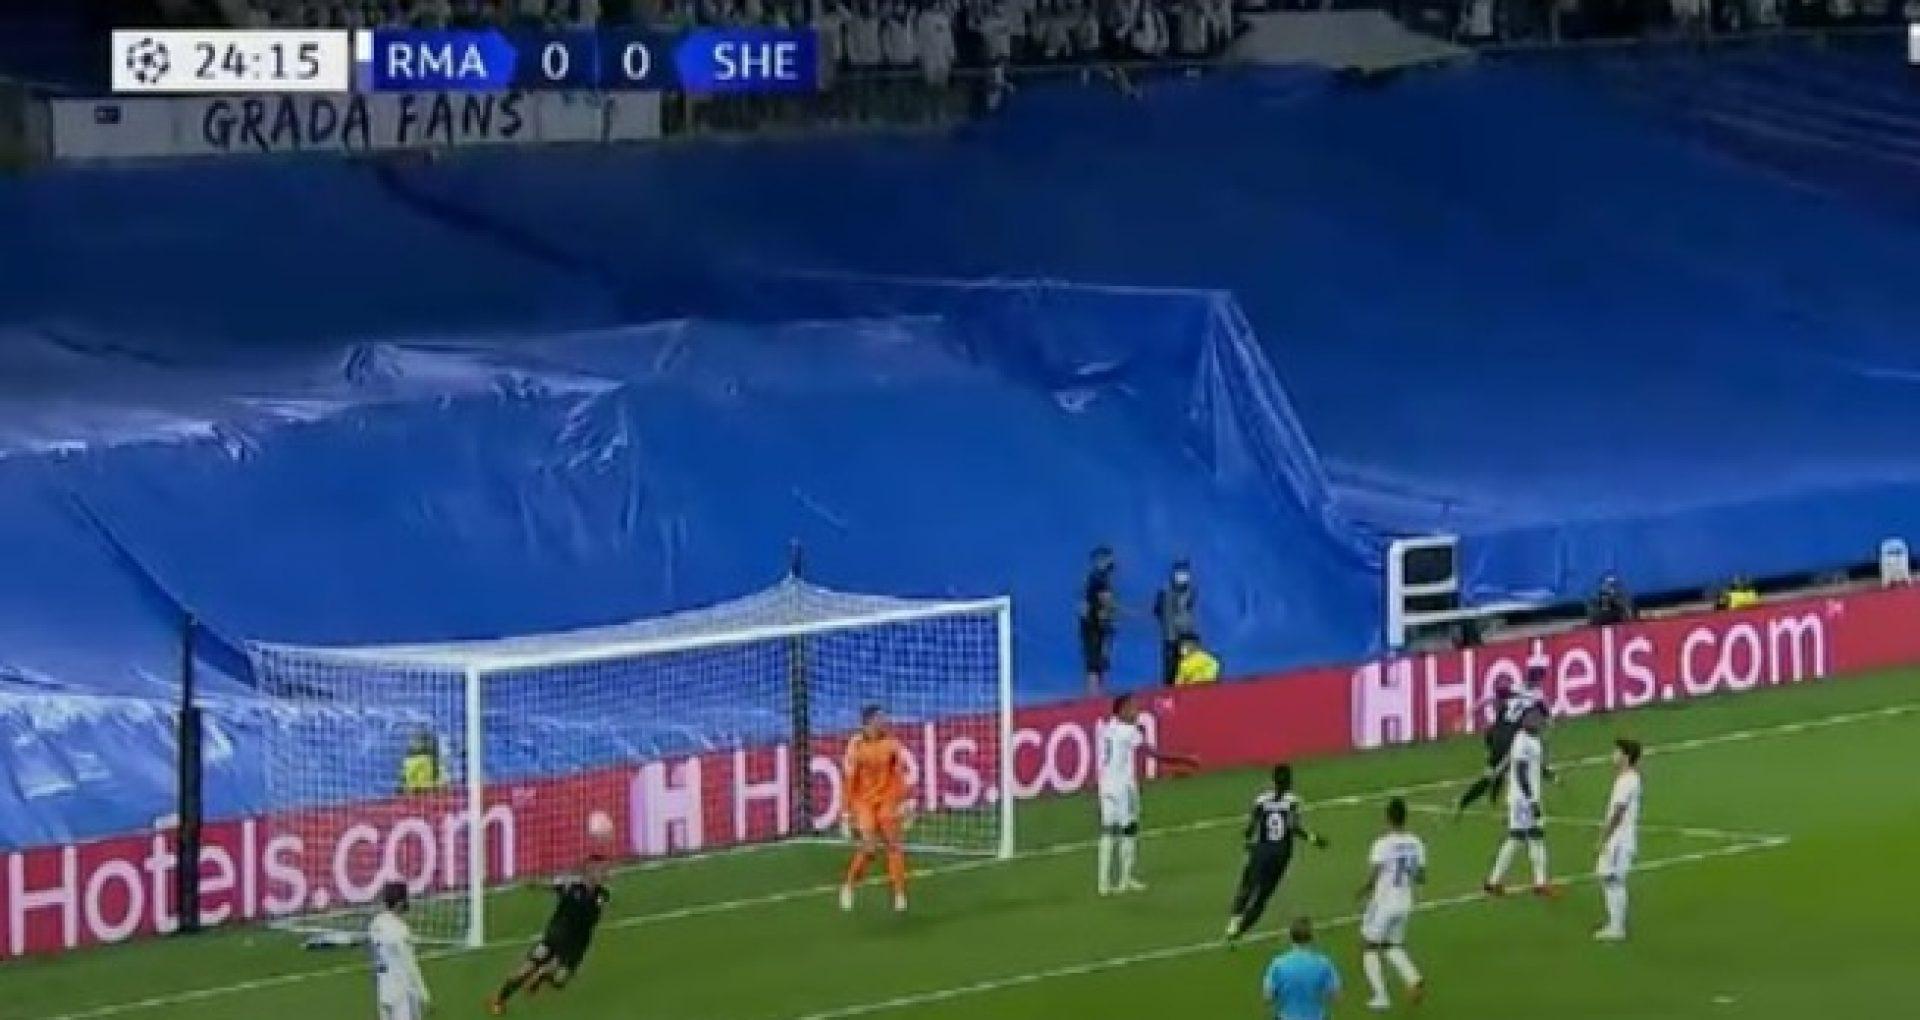 Scor 1 la 1 în meciul dintre Sheriff Tiraspol și Real Madrid, pe Santiago Bernabeu, în a doua etapă a grupelor UEFA Champions League